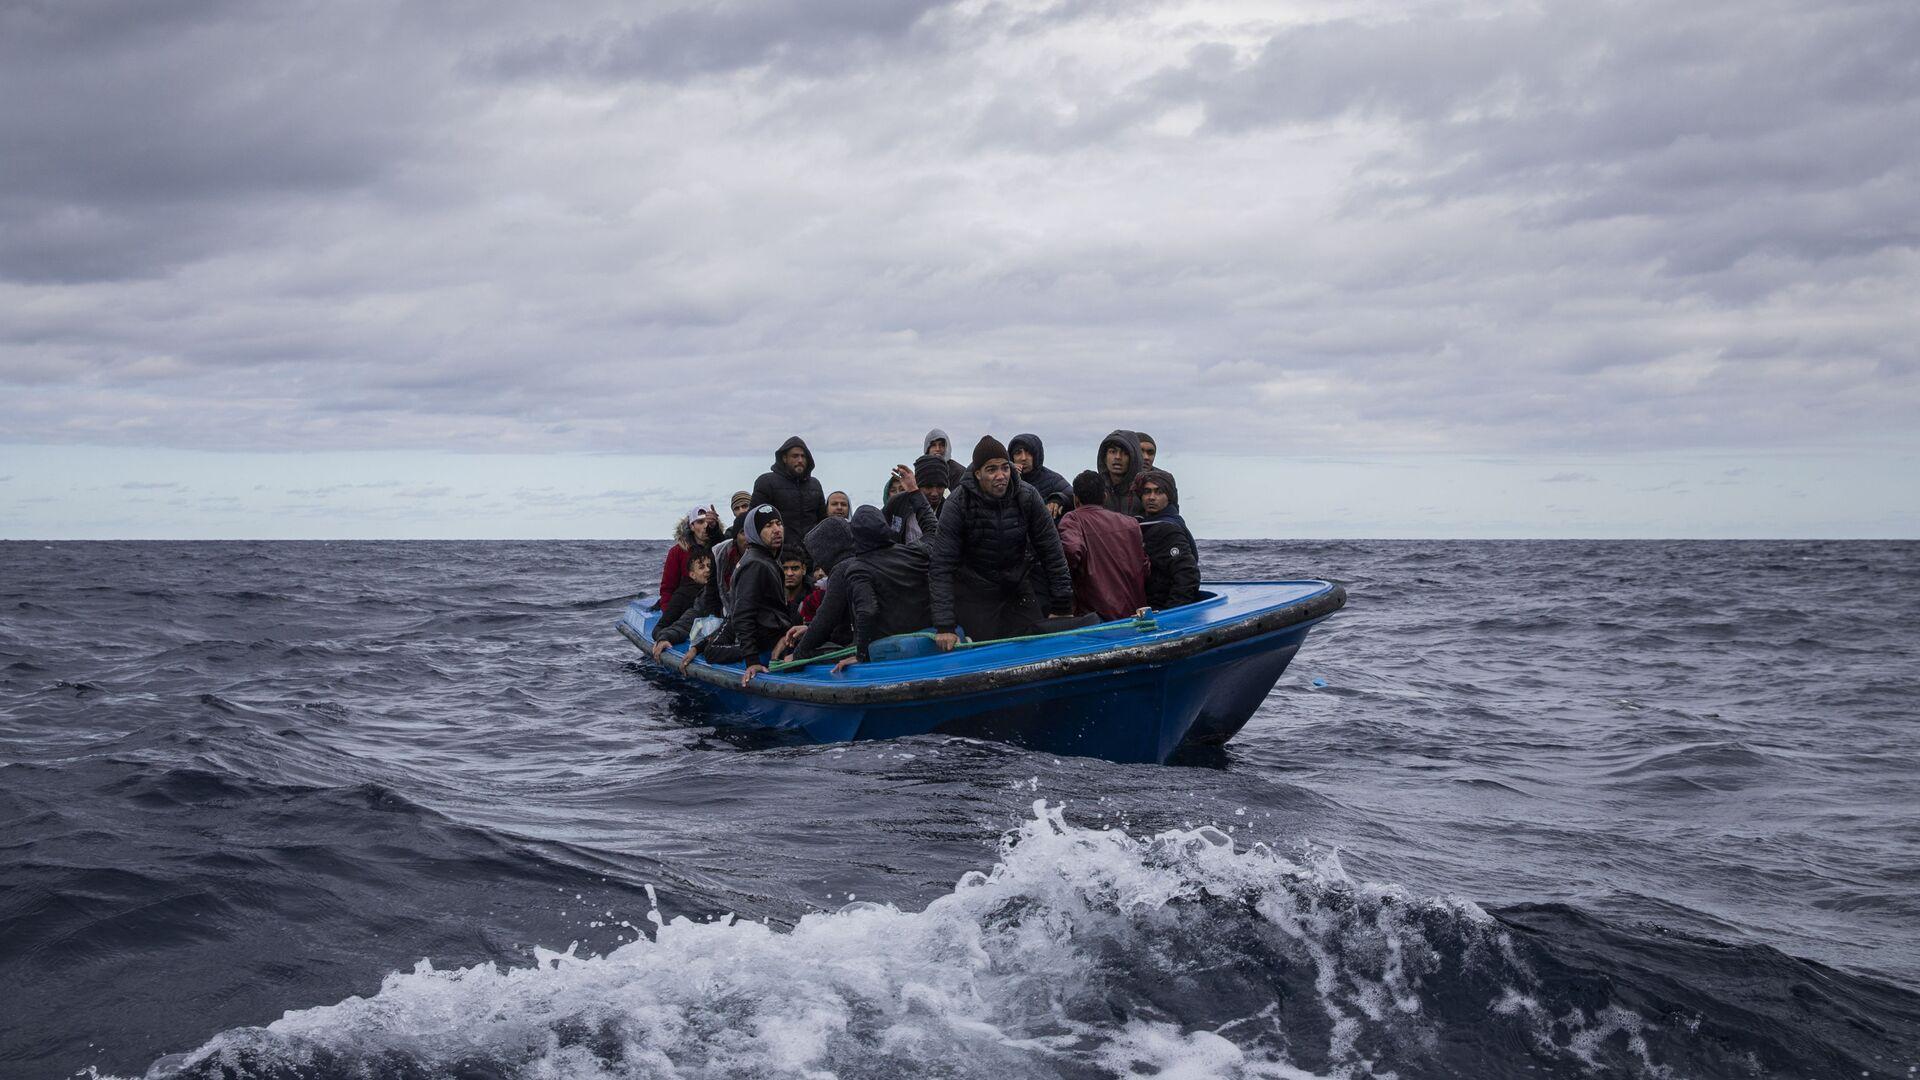 Rifugiati da Marocco e Bangladesh - Sputnik Italia, 1920, 20.07.2021